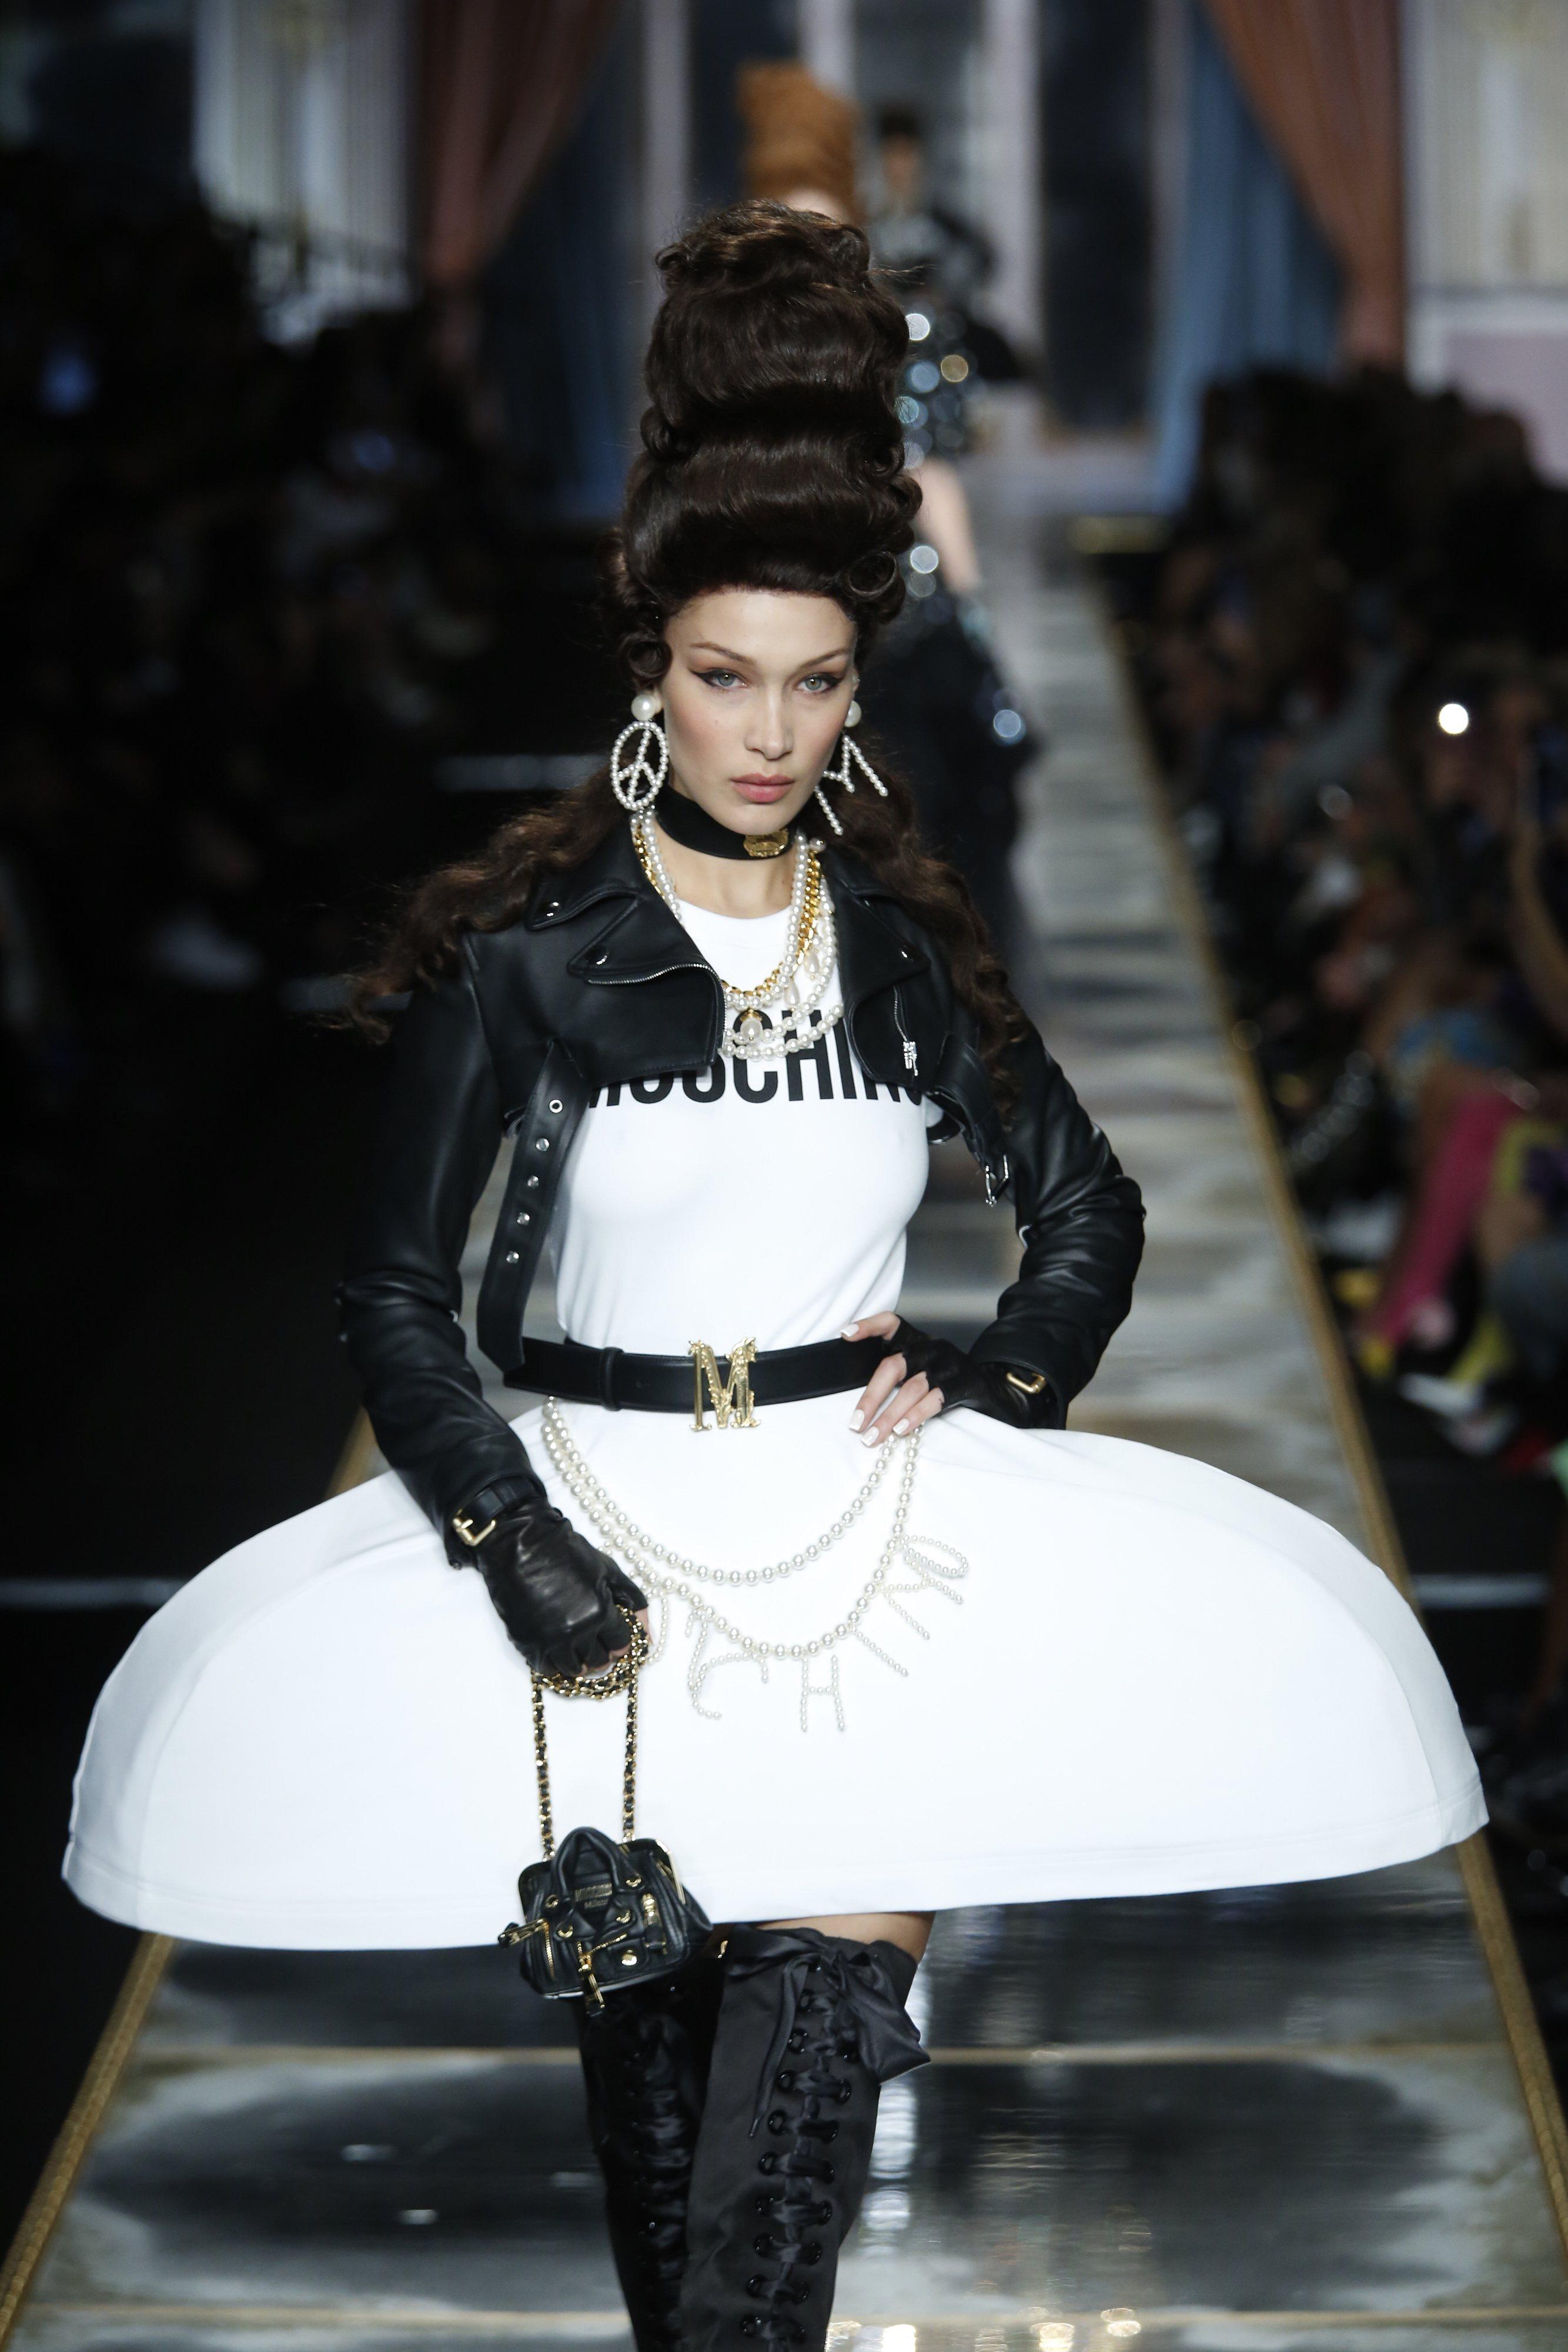 Bella Hadid desfilando para Moschino con la colección otoño/invierno 2020-2021 en Milán